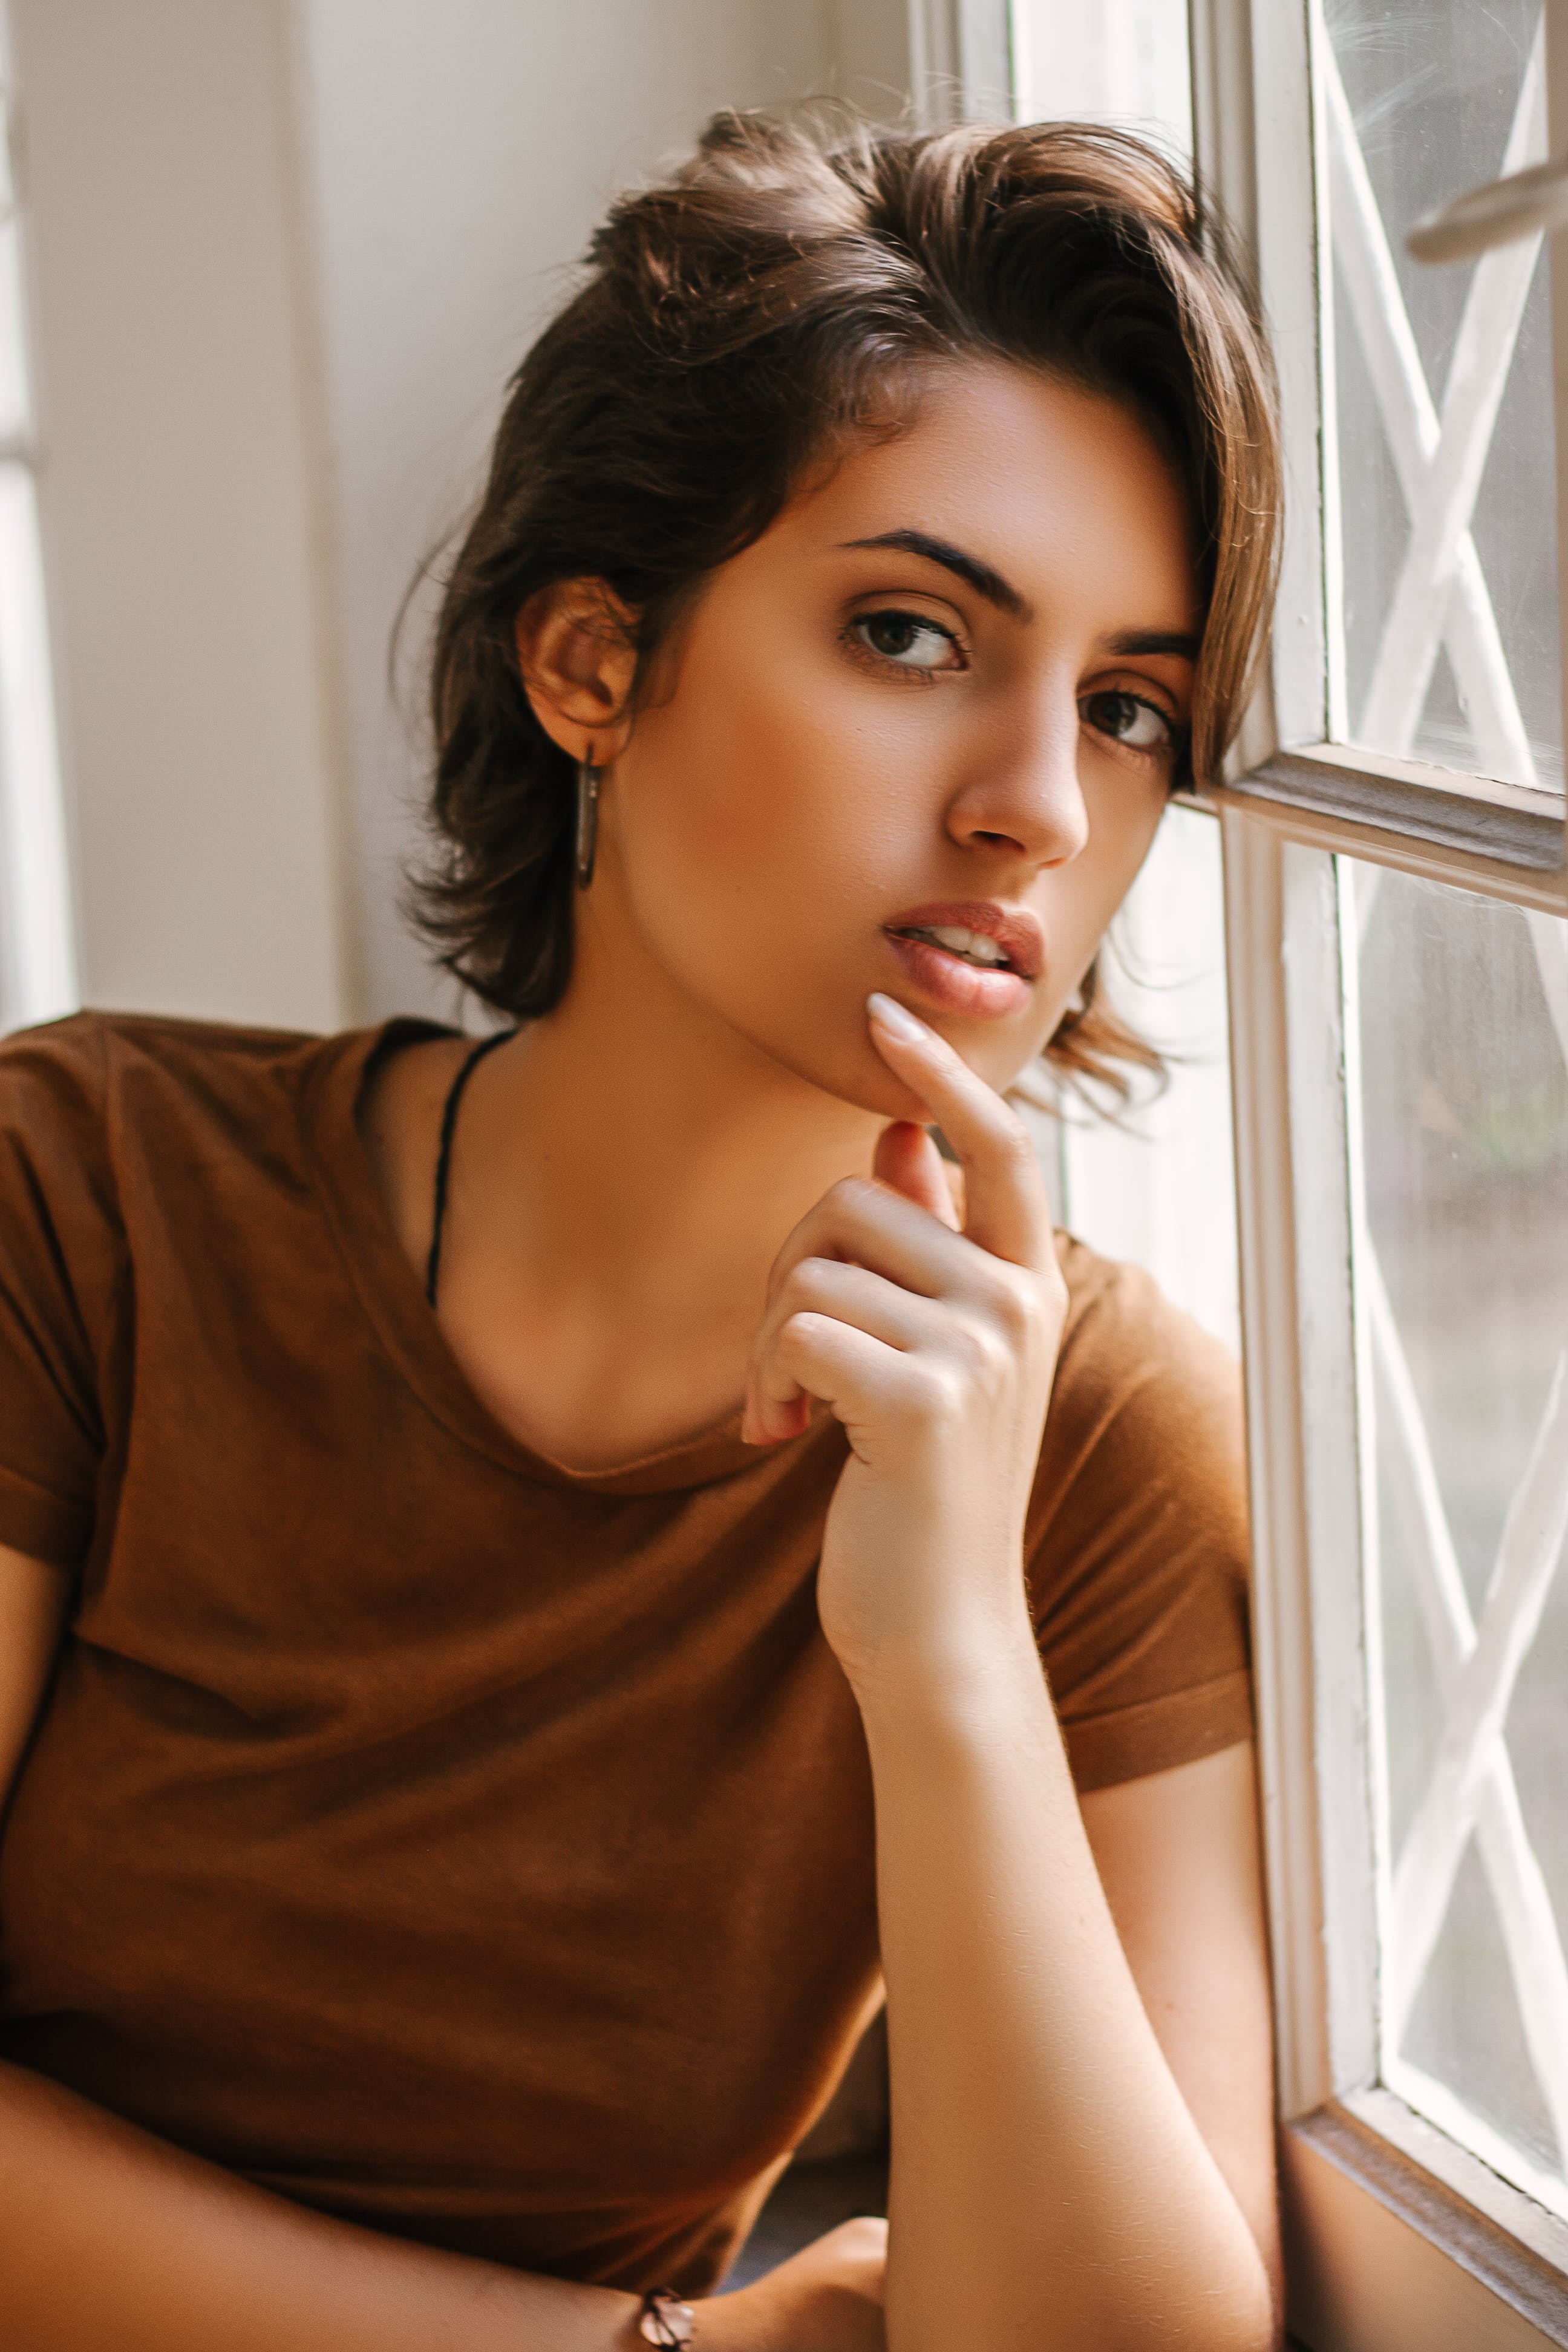 Kostnadsfri bild av brunett, fönster, fönsterruta, fotografering